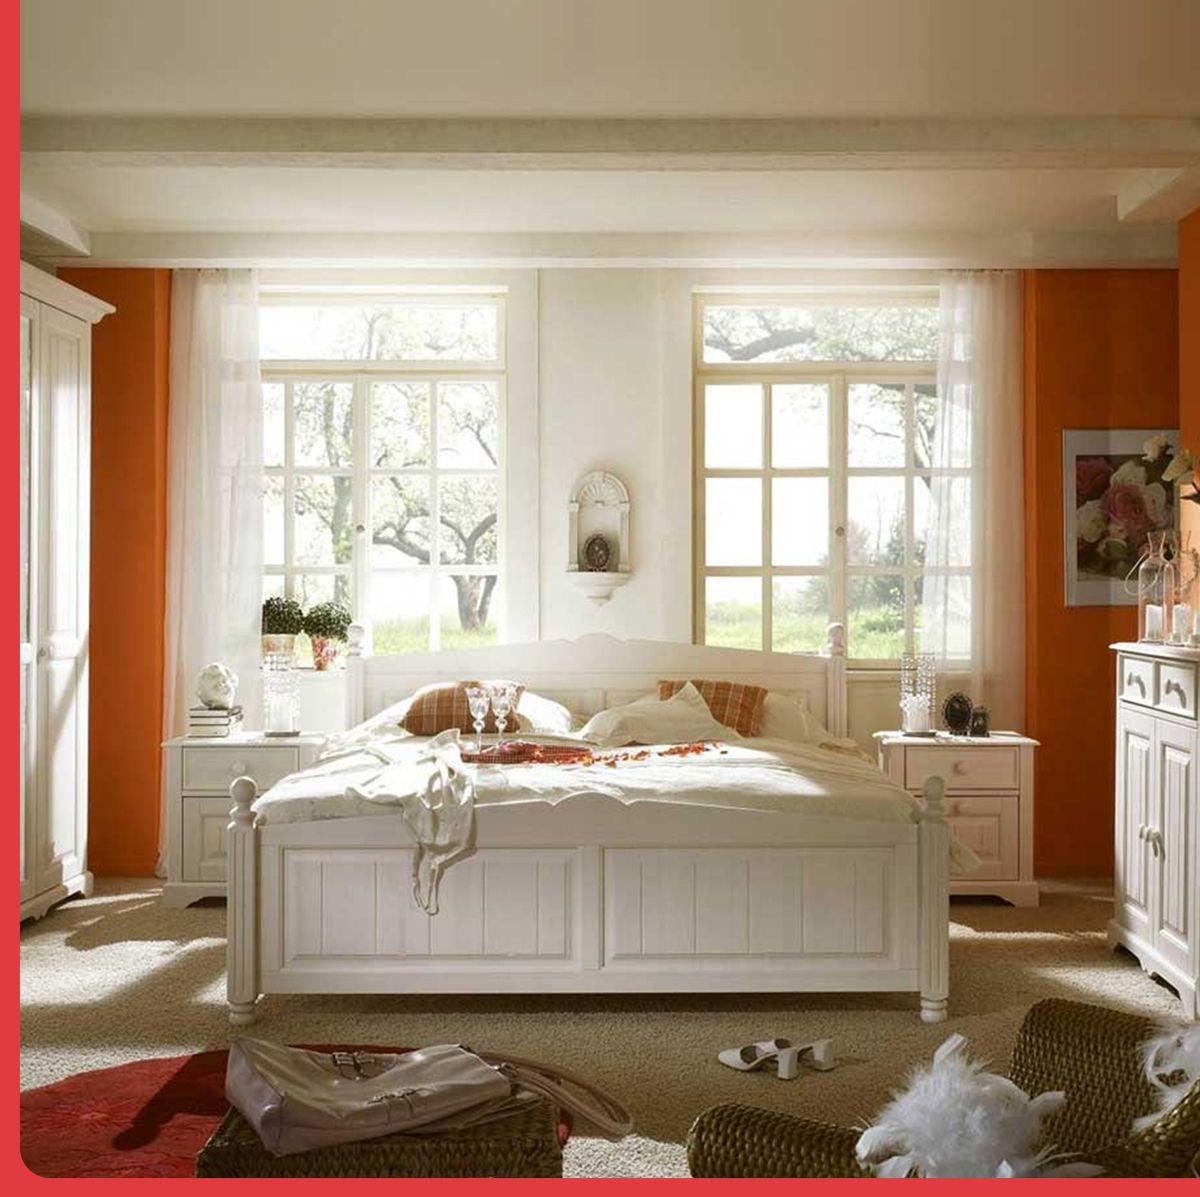 Du Suchst Nach Mobeln Fur Dein Schlafzimmer Im Skandinavischern Landhausstil Lass Dich Von Unsere In 2020 Komplettes Schlafzimmer Schlafzimmer Massivholz Schlafzimmer